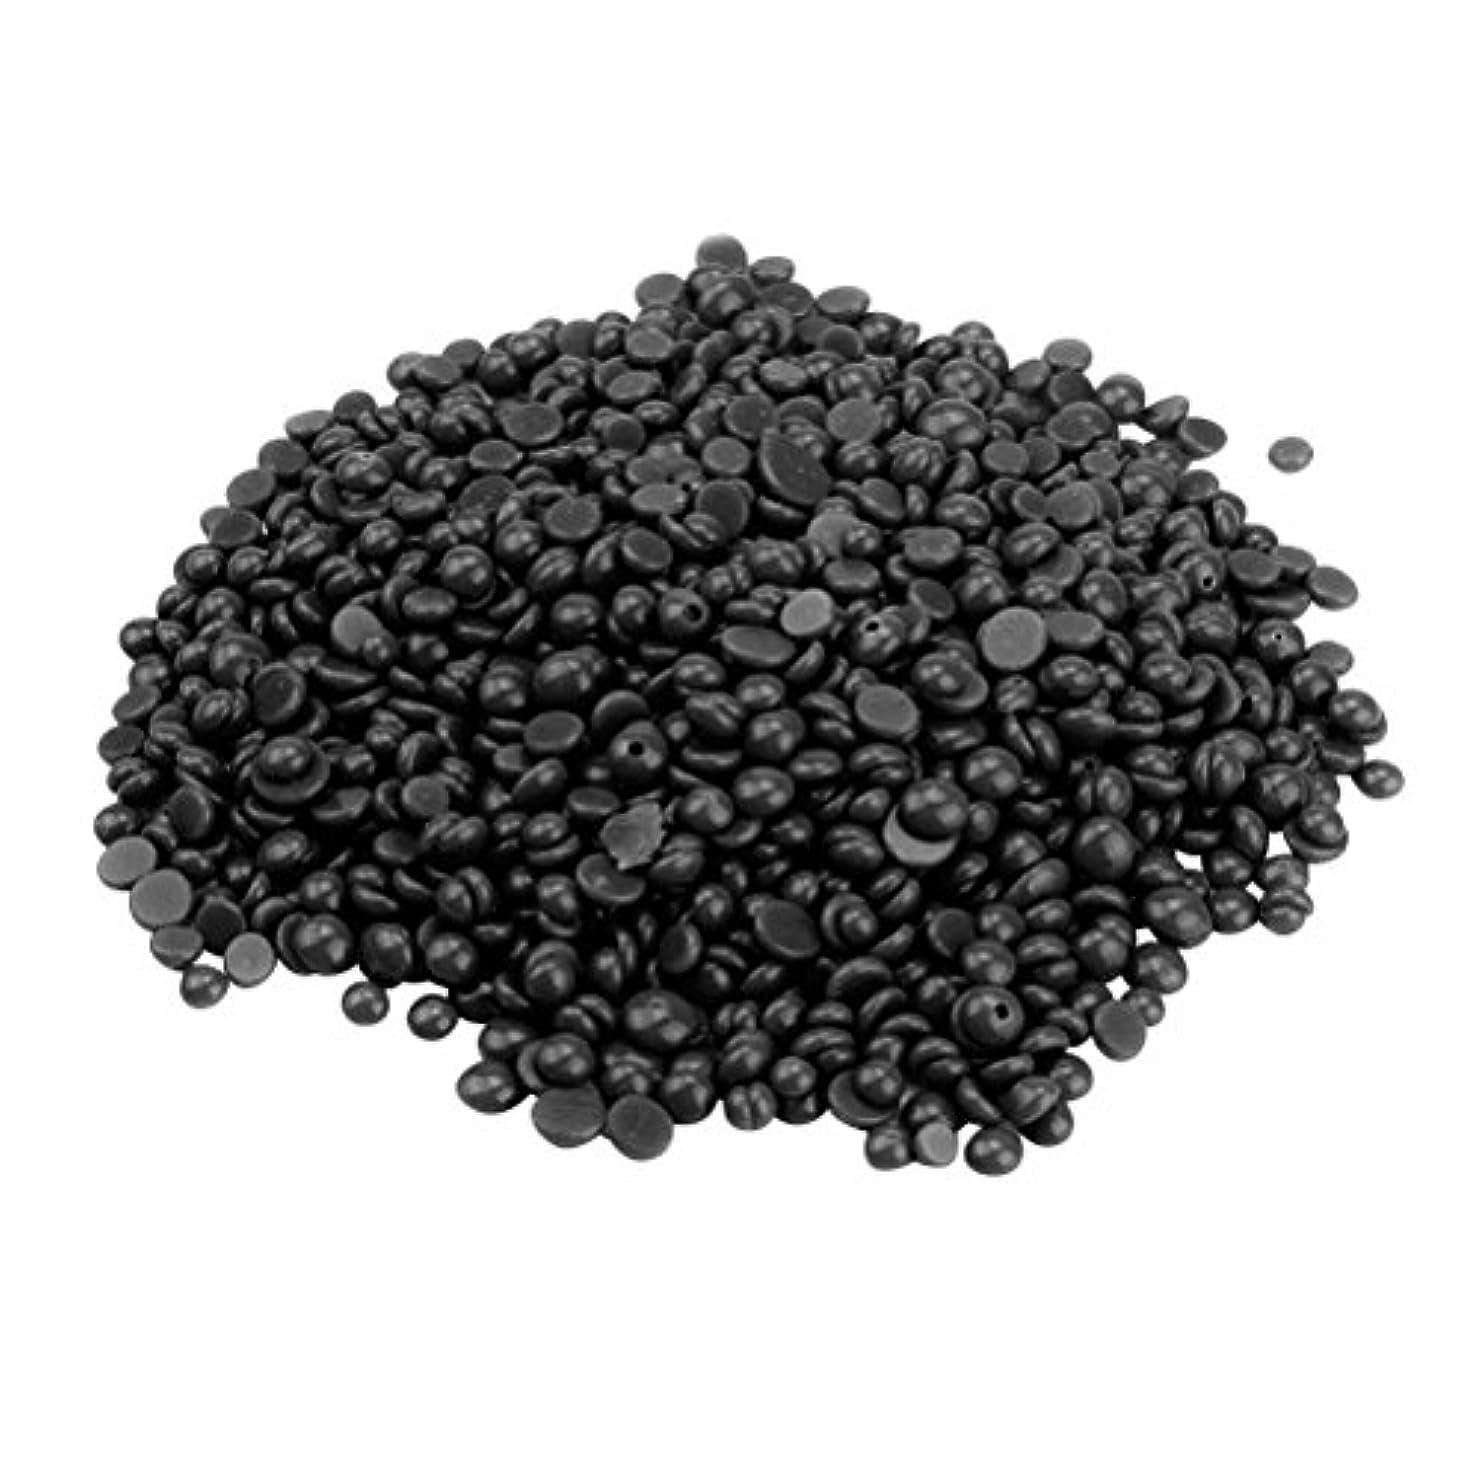 原油路面電車手術ROSENICE ハードワックス豆 脚の脱毛 いいえストリップ脱揮発性のパール 辛い 脱毛 400g (ブラック)